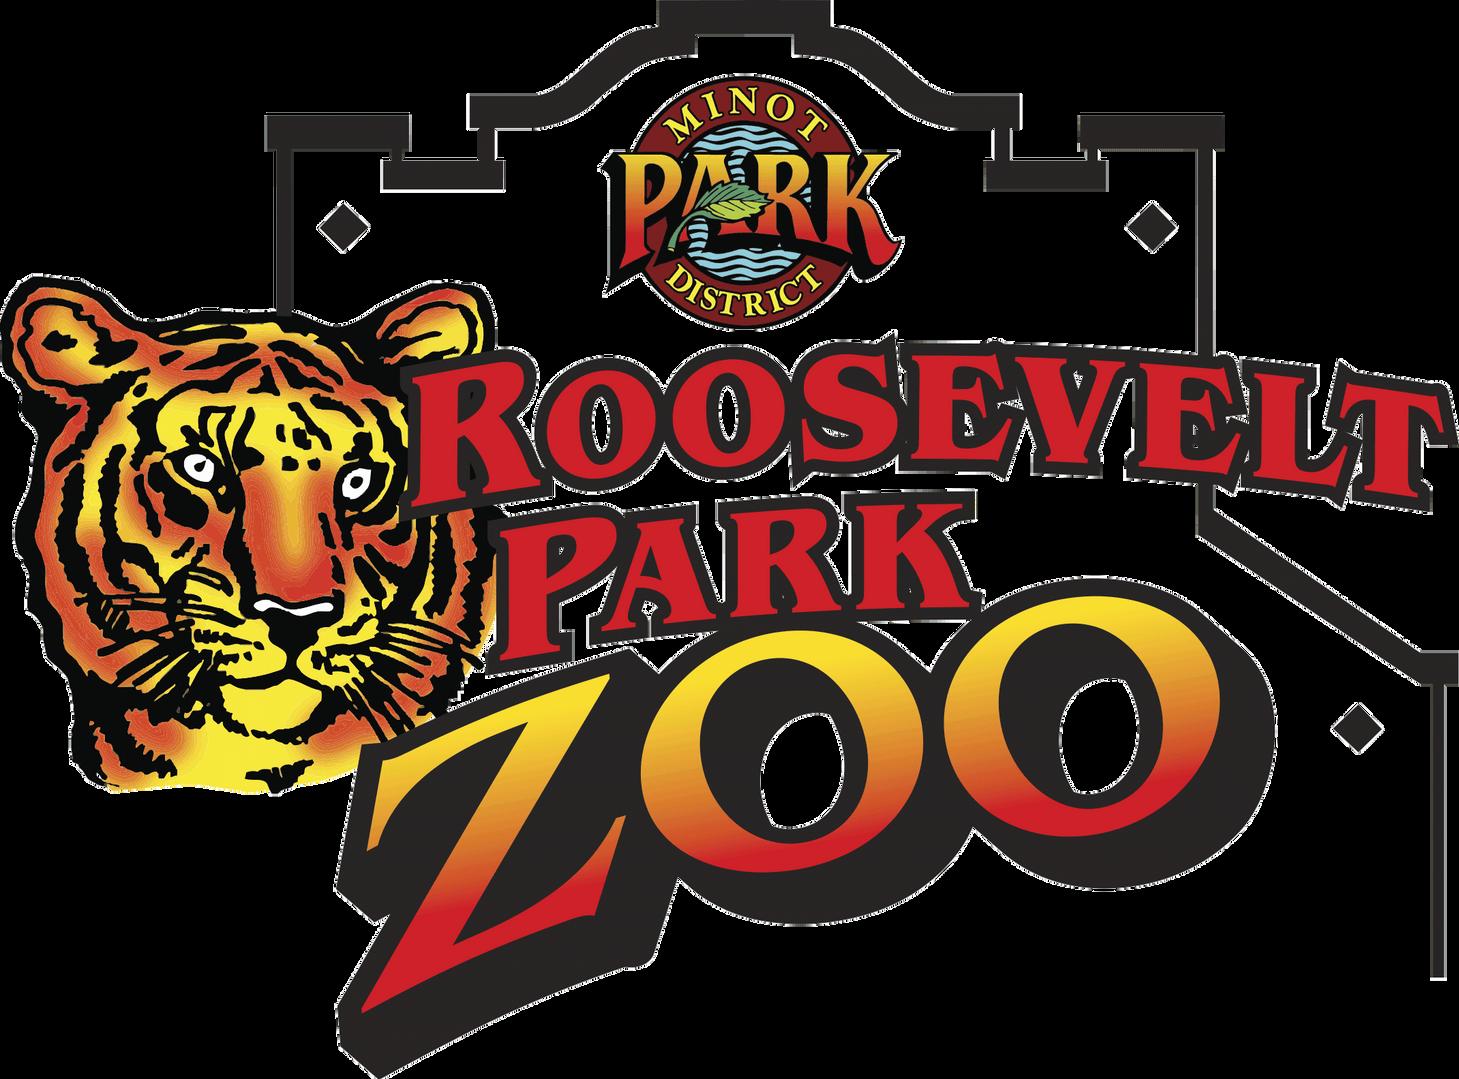 Roosevelt Park.png